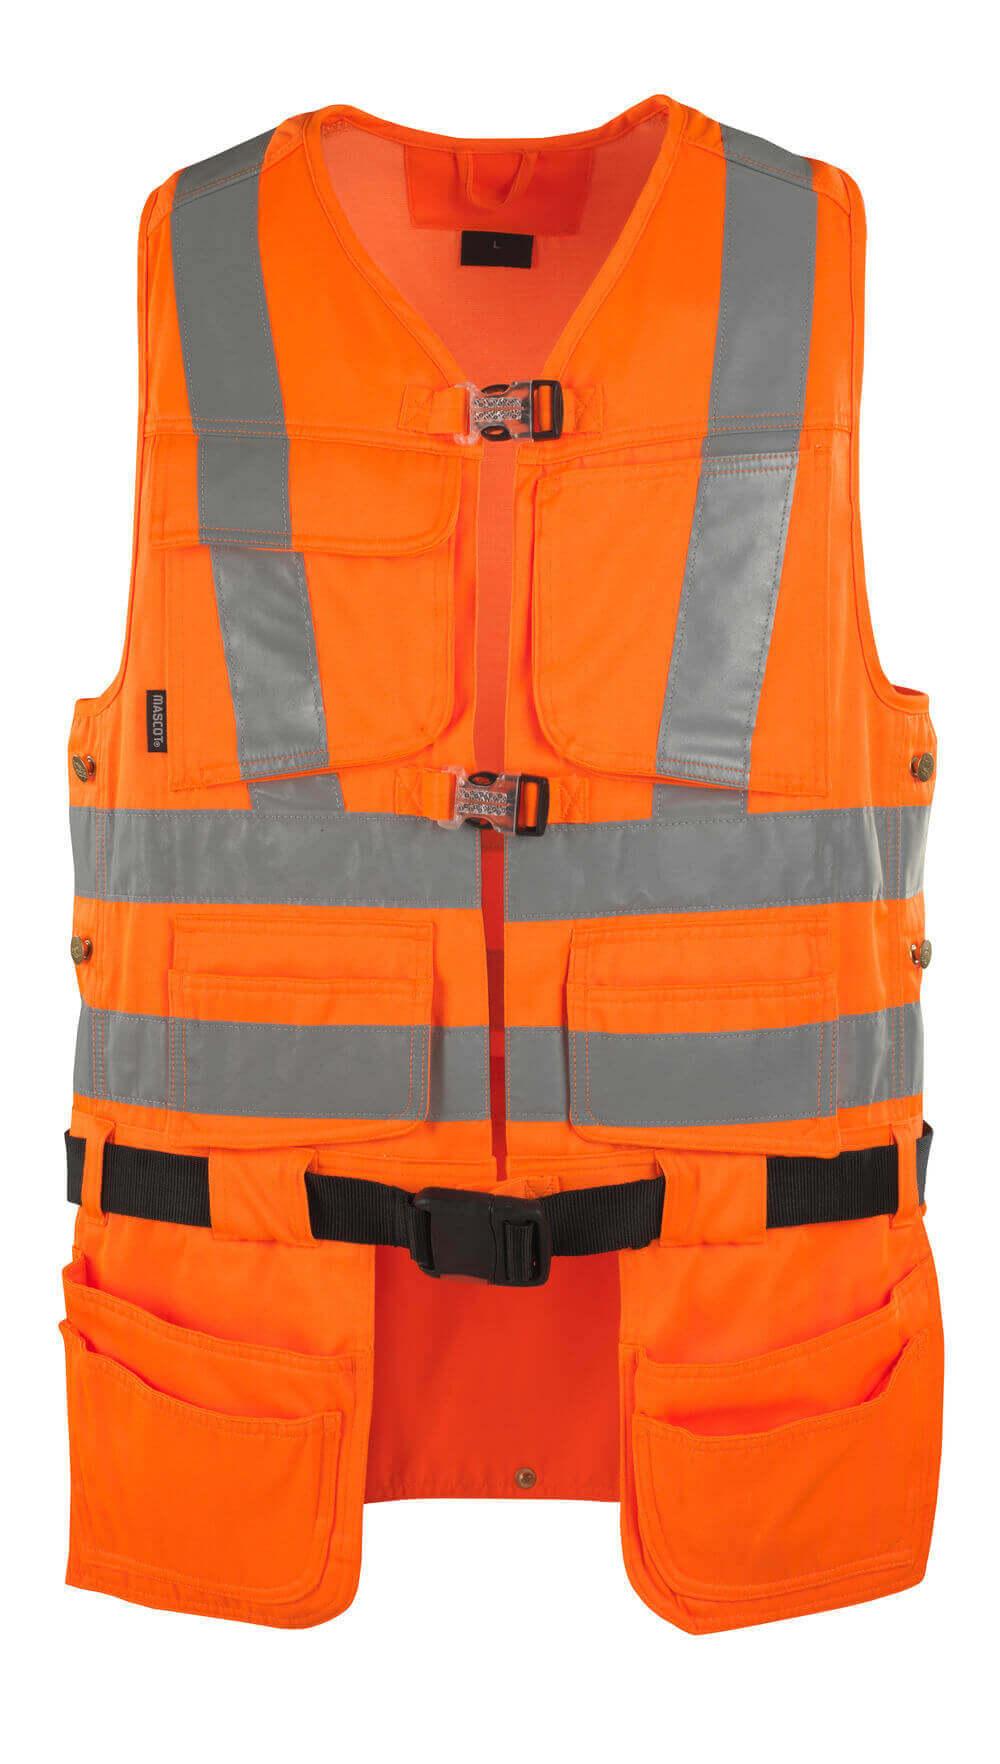 08089-860-14 Verktygsväst - hi-vis orange